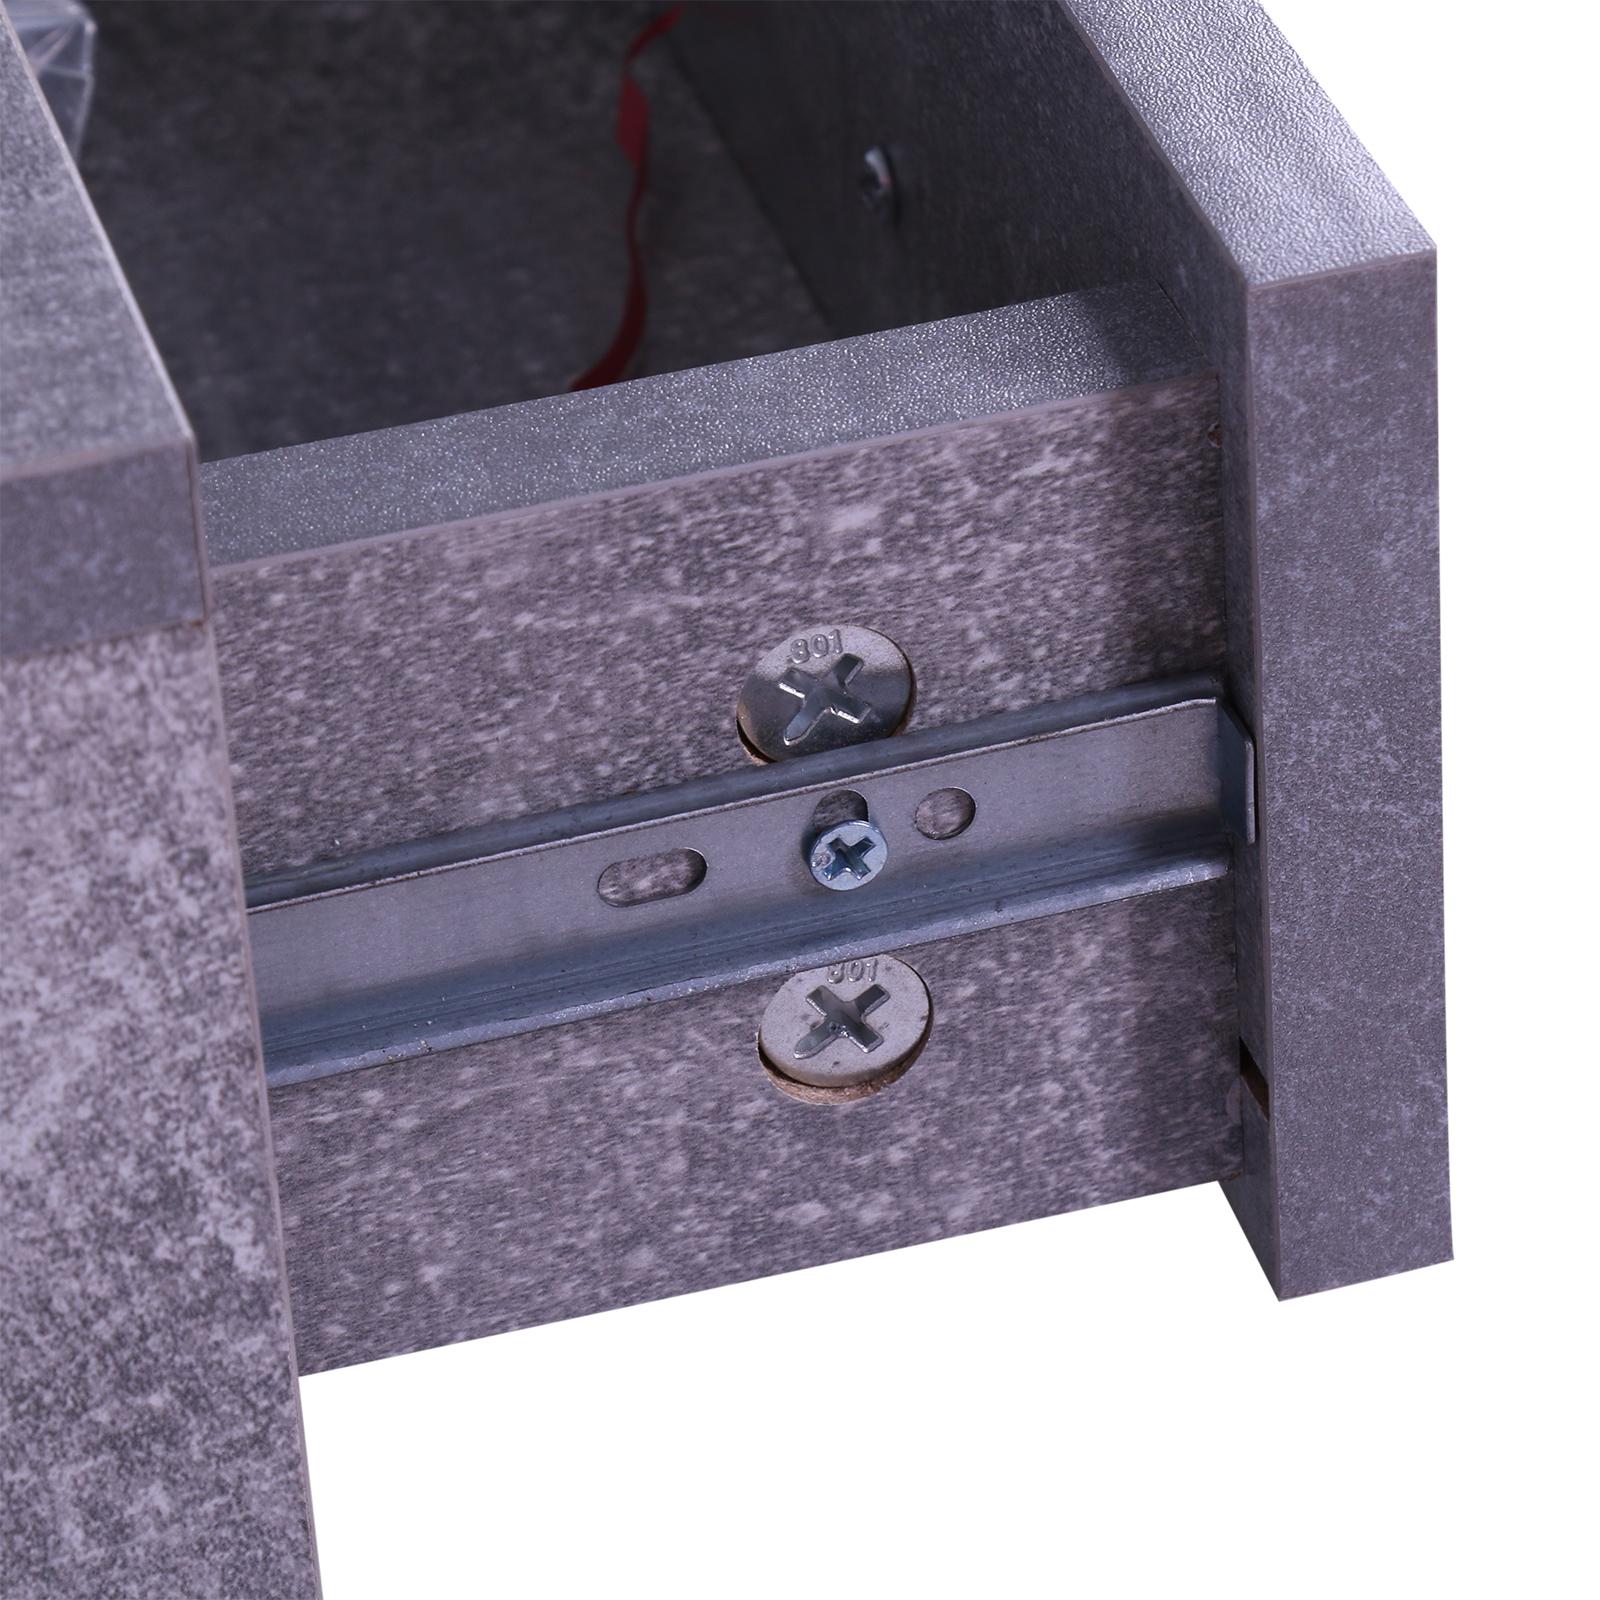 831 146gy11(5) - Conjunto Muebles de Entrada Recibidor Pasillo 3 Piezas Perchero Espejo Zapatero